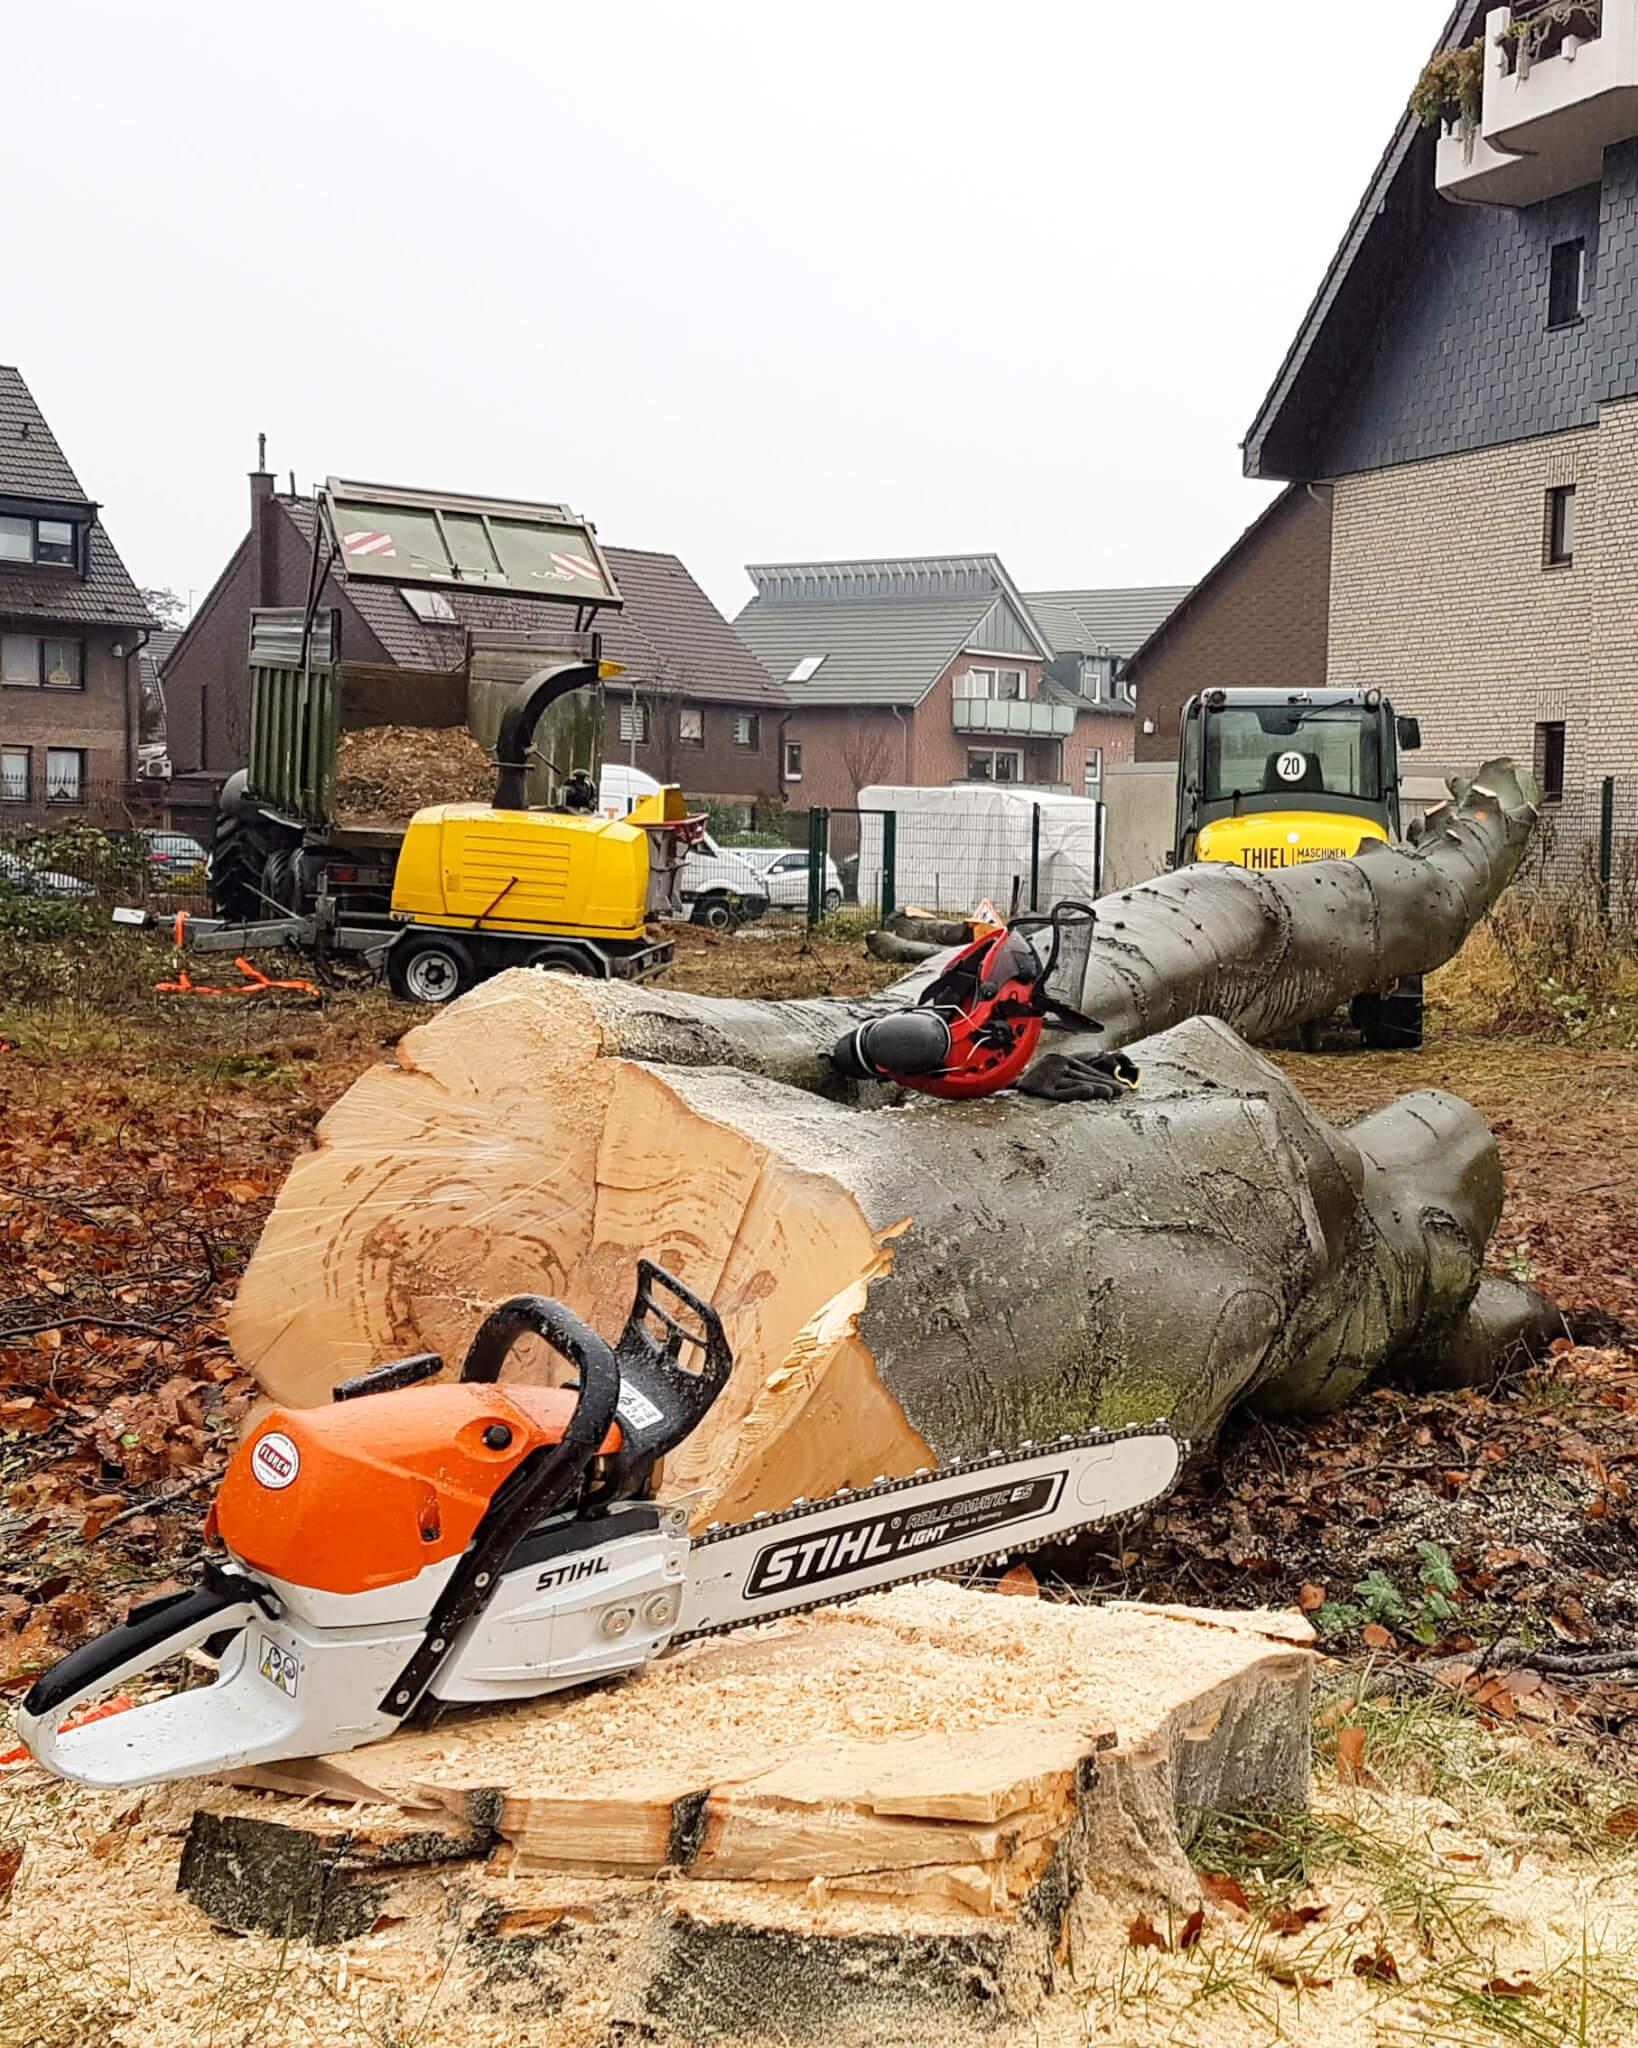 Abteilung Baumdienst: Baumfällung